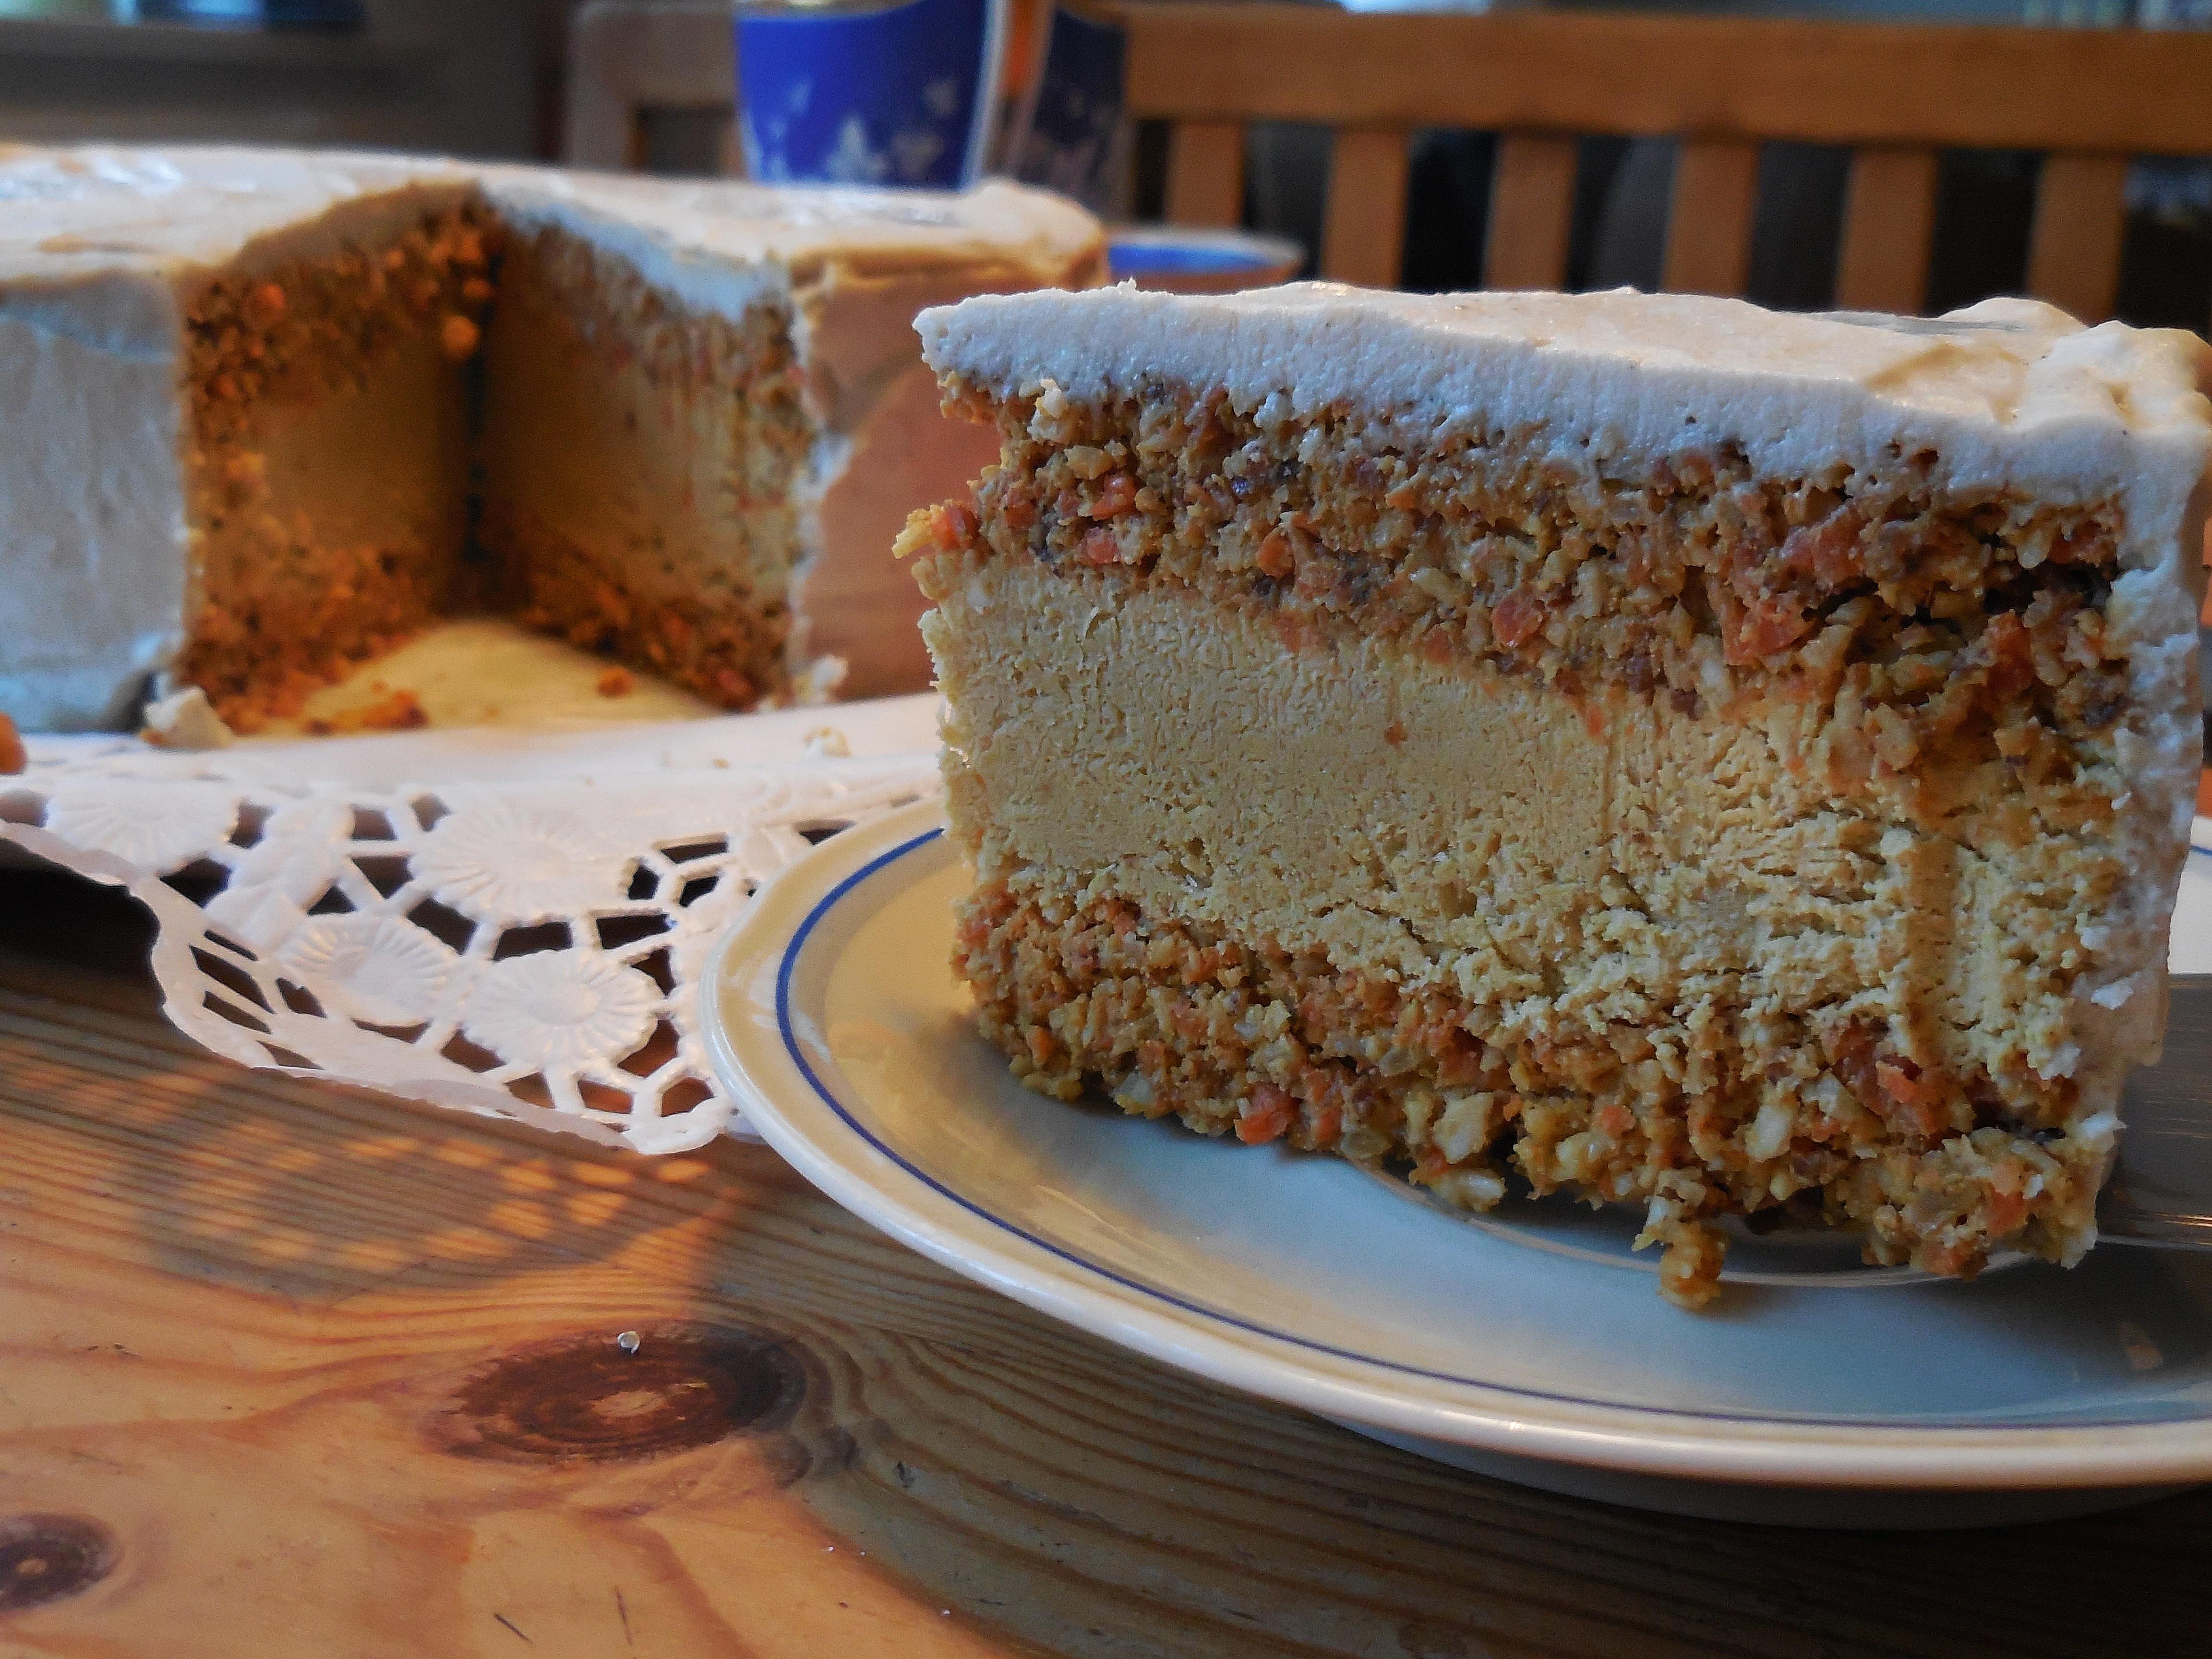 Kuchen in der springform einfrieren